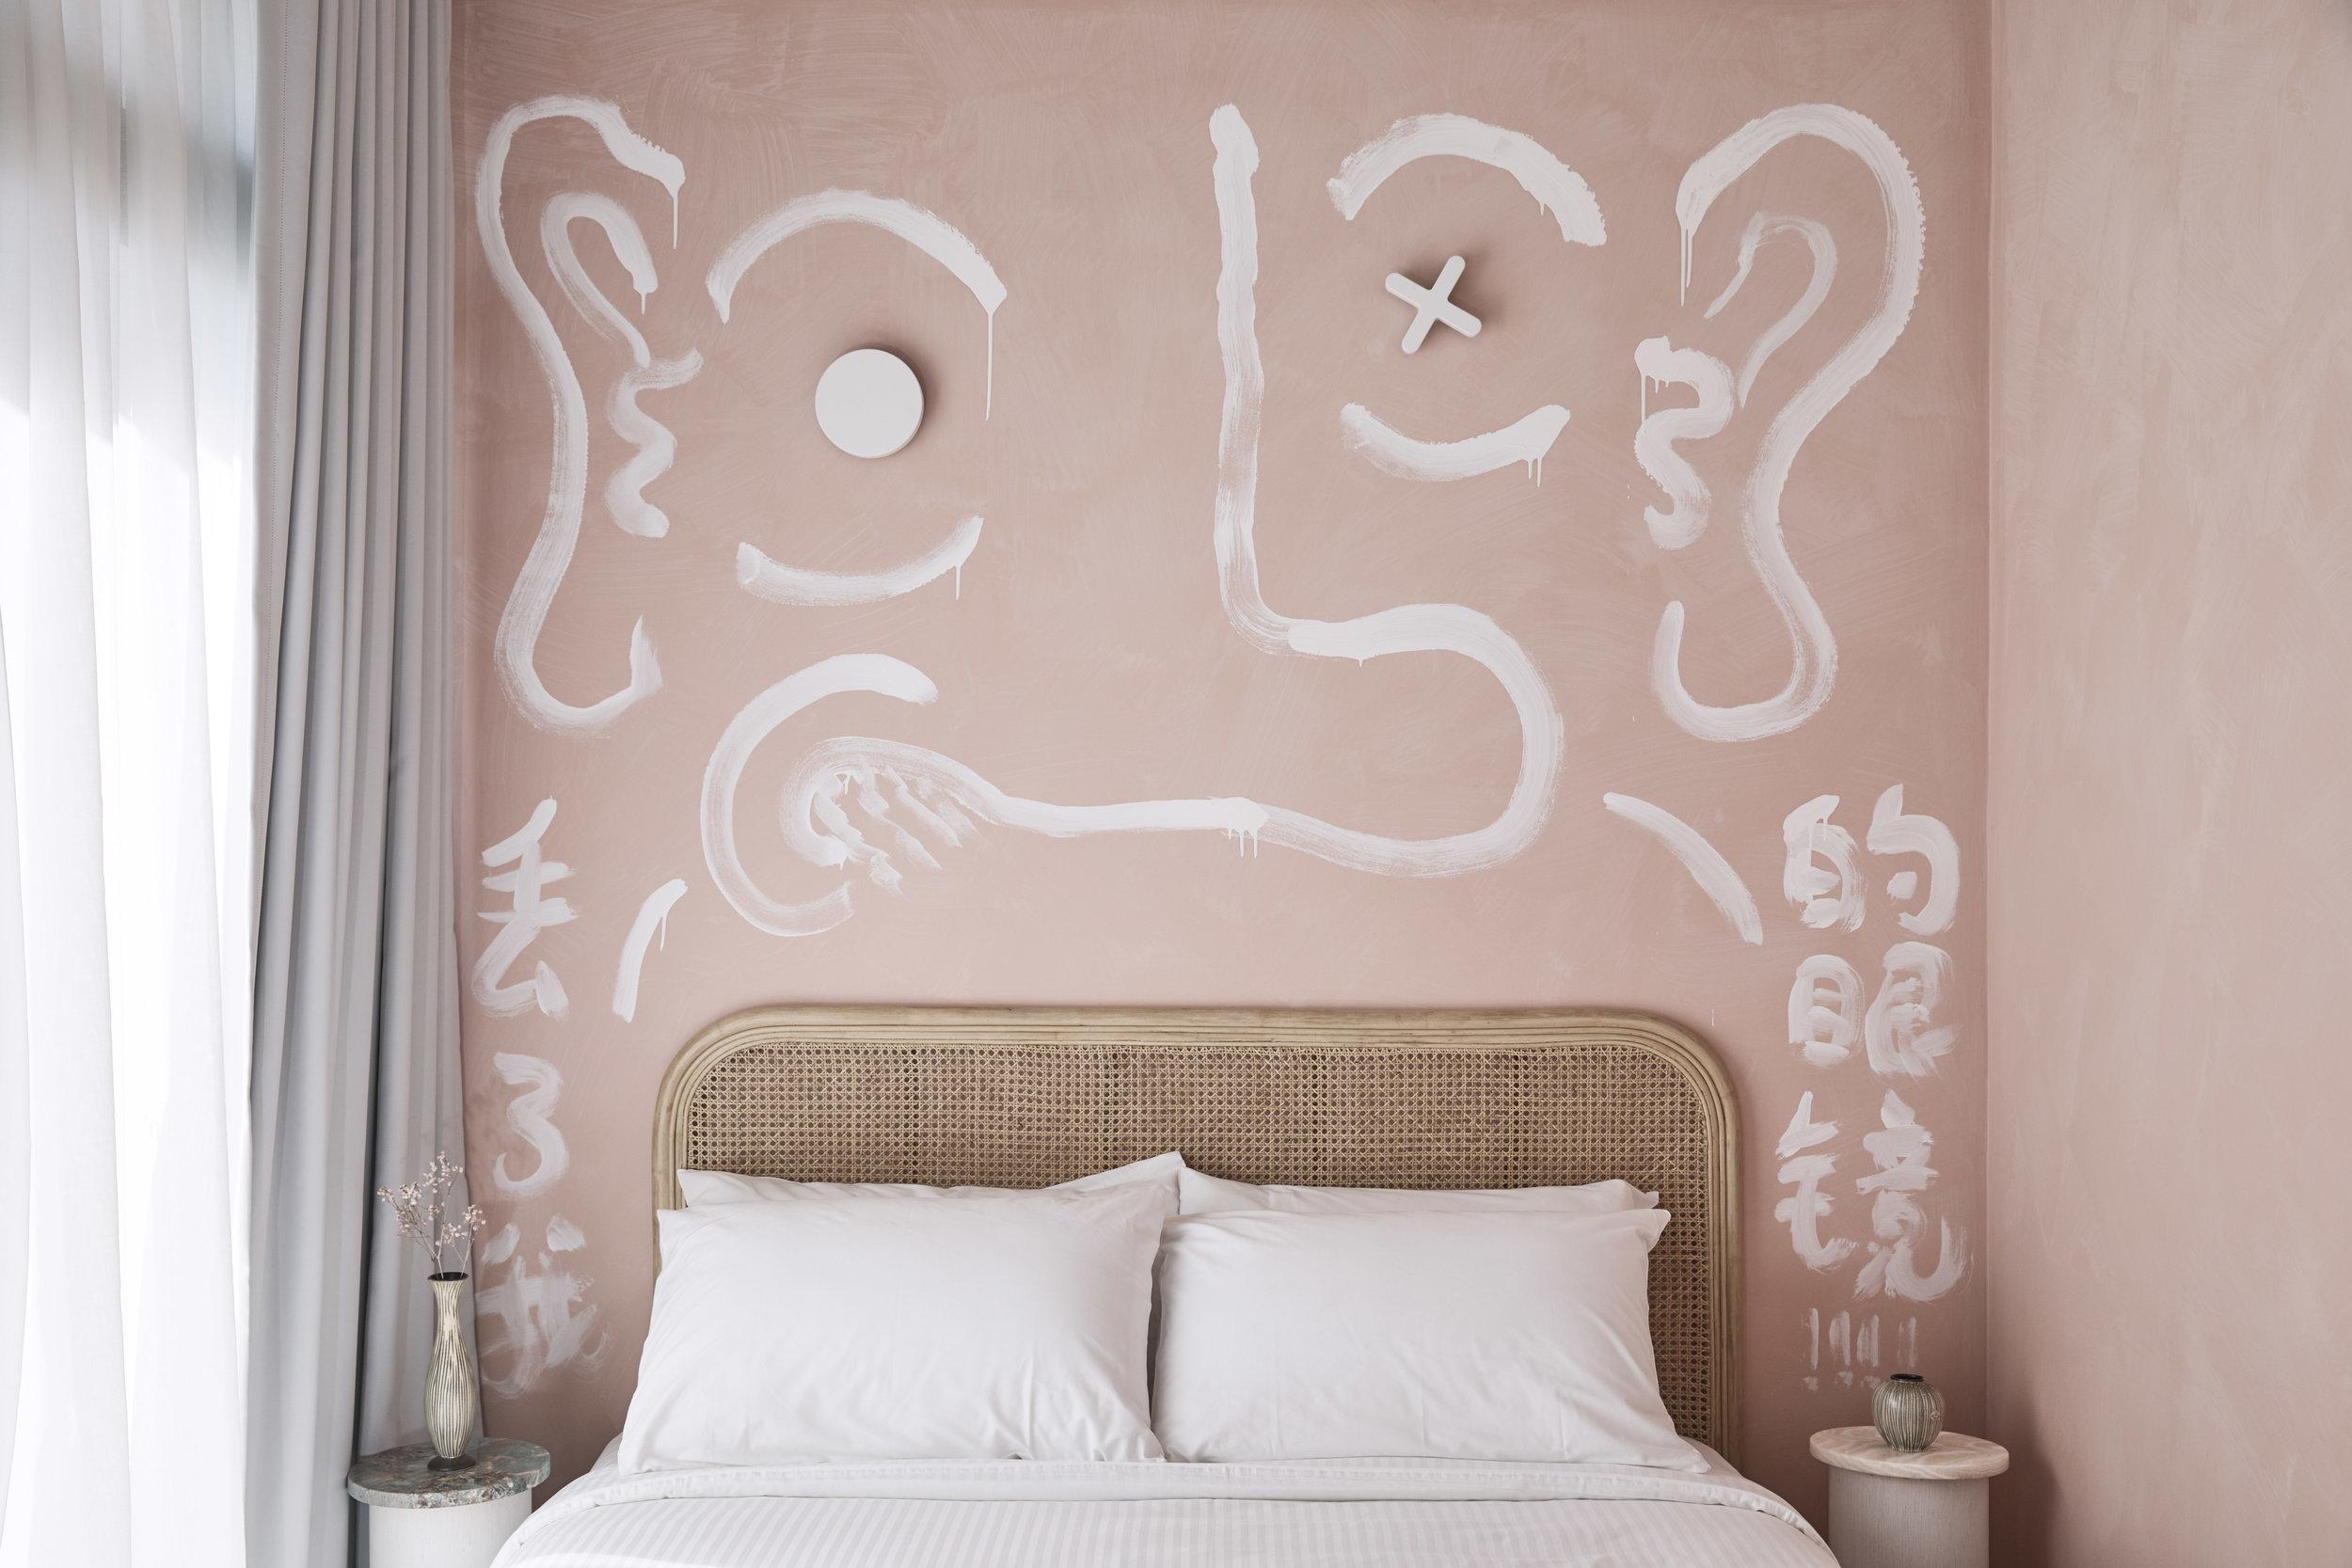 Nasim room by Pattern Studio